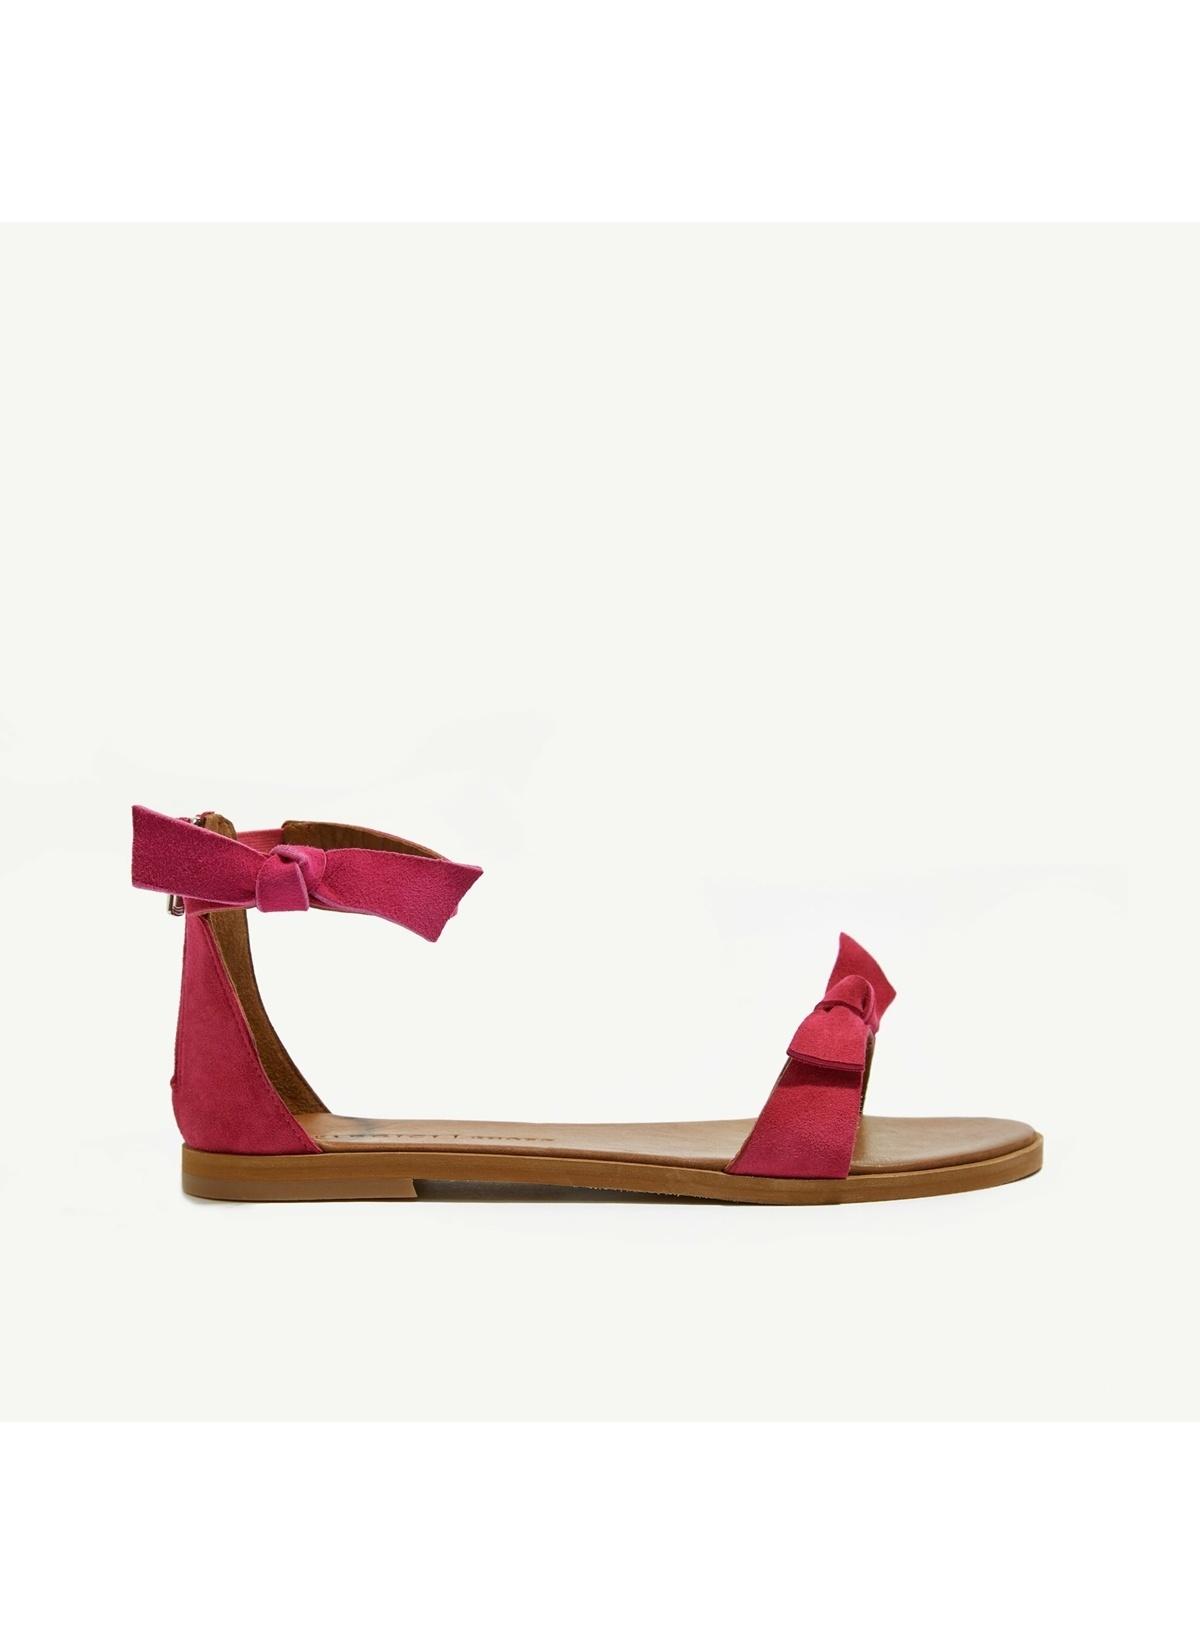 Yargıcı Sandalet 8ykay4026x Fiyonklu Deri Sandalet – 119.96 TL